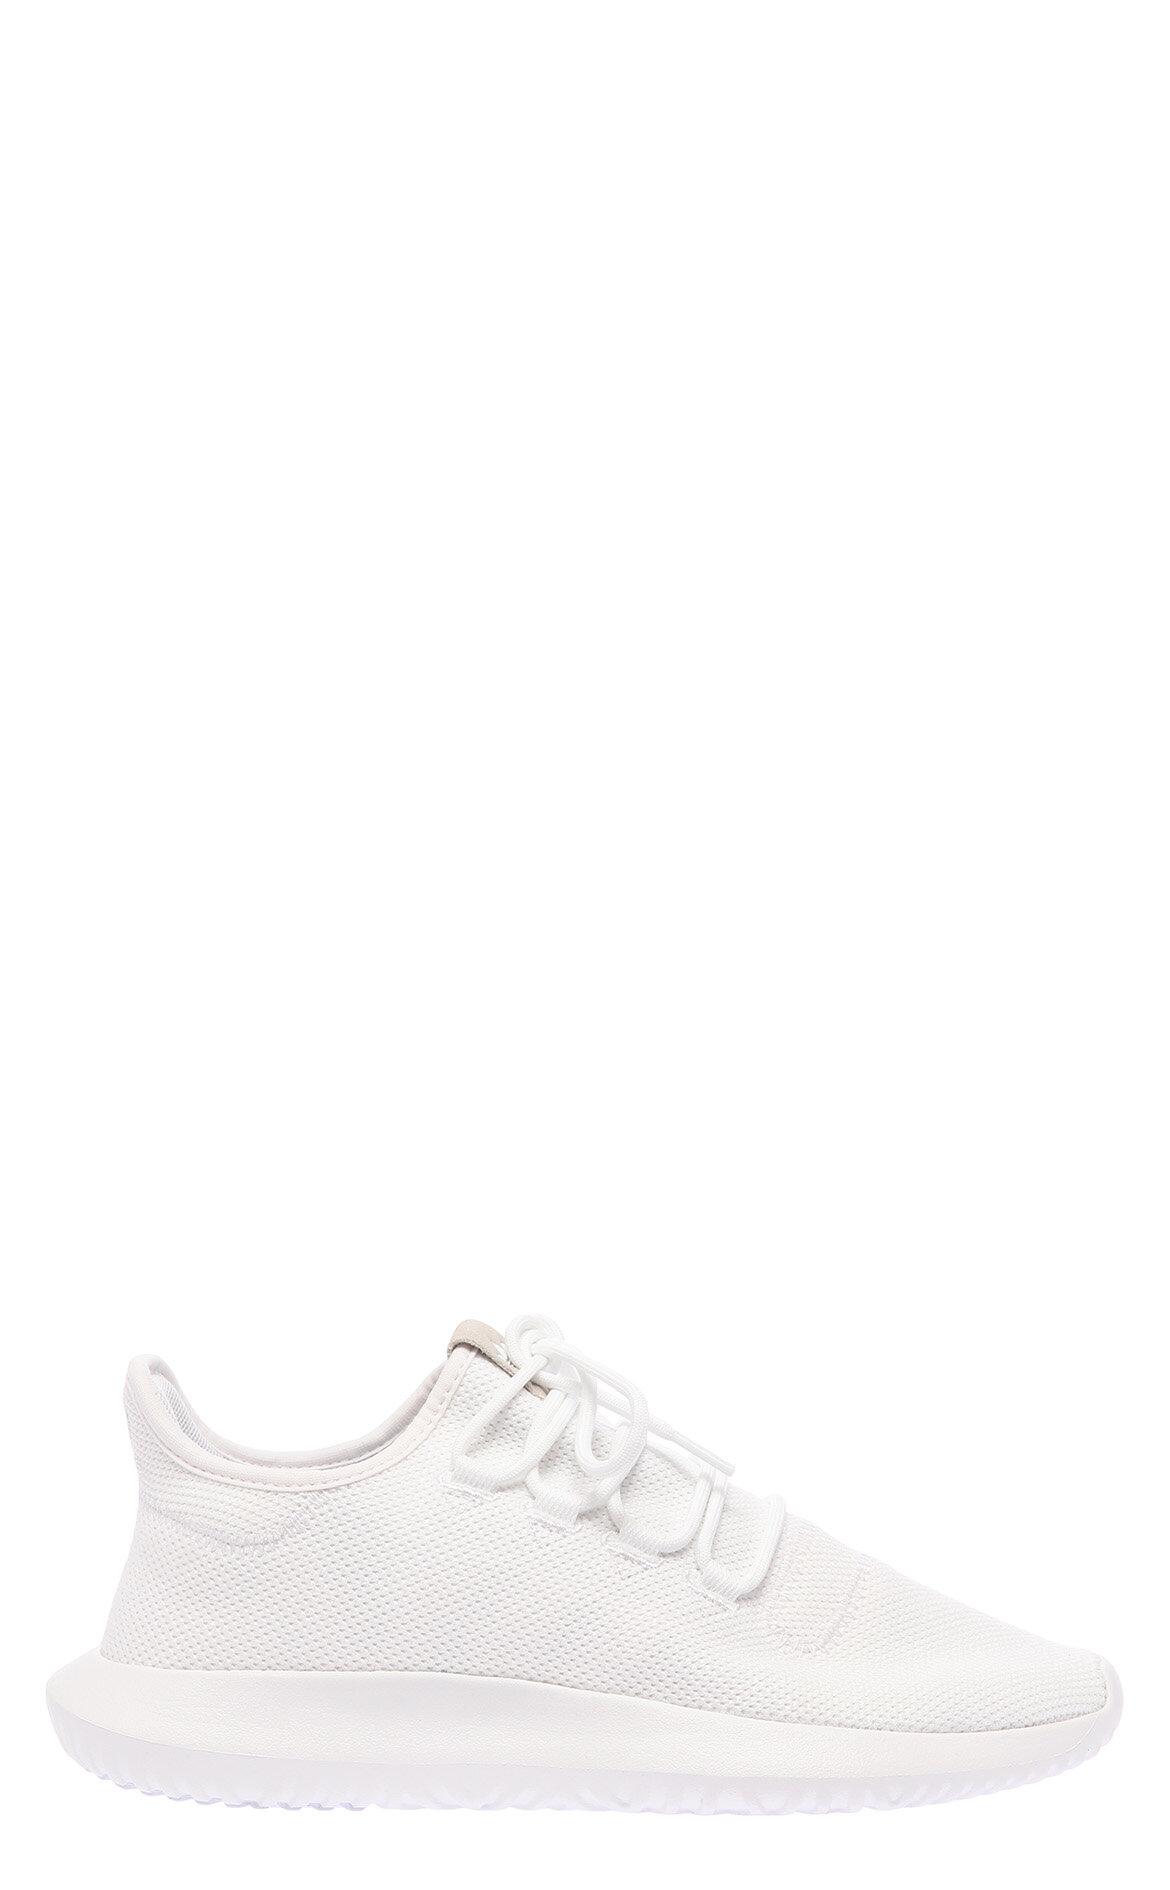 adidas originals Tubular Spor Ayakkabı